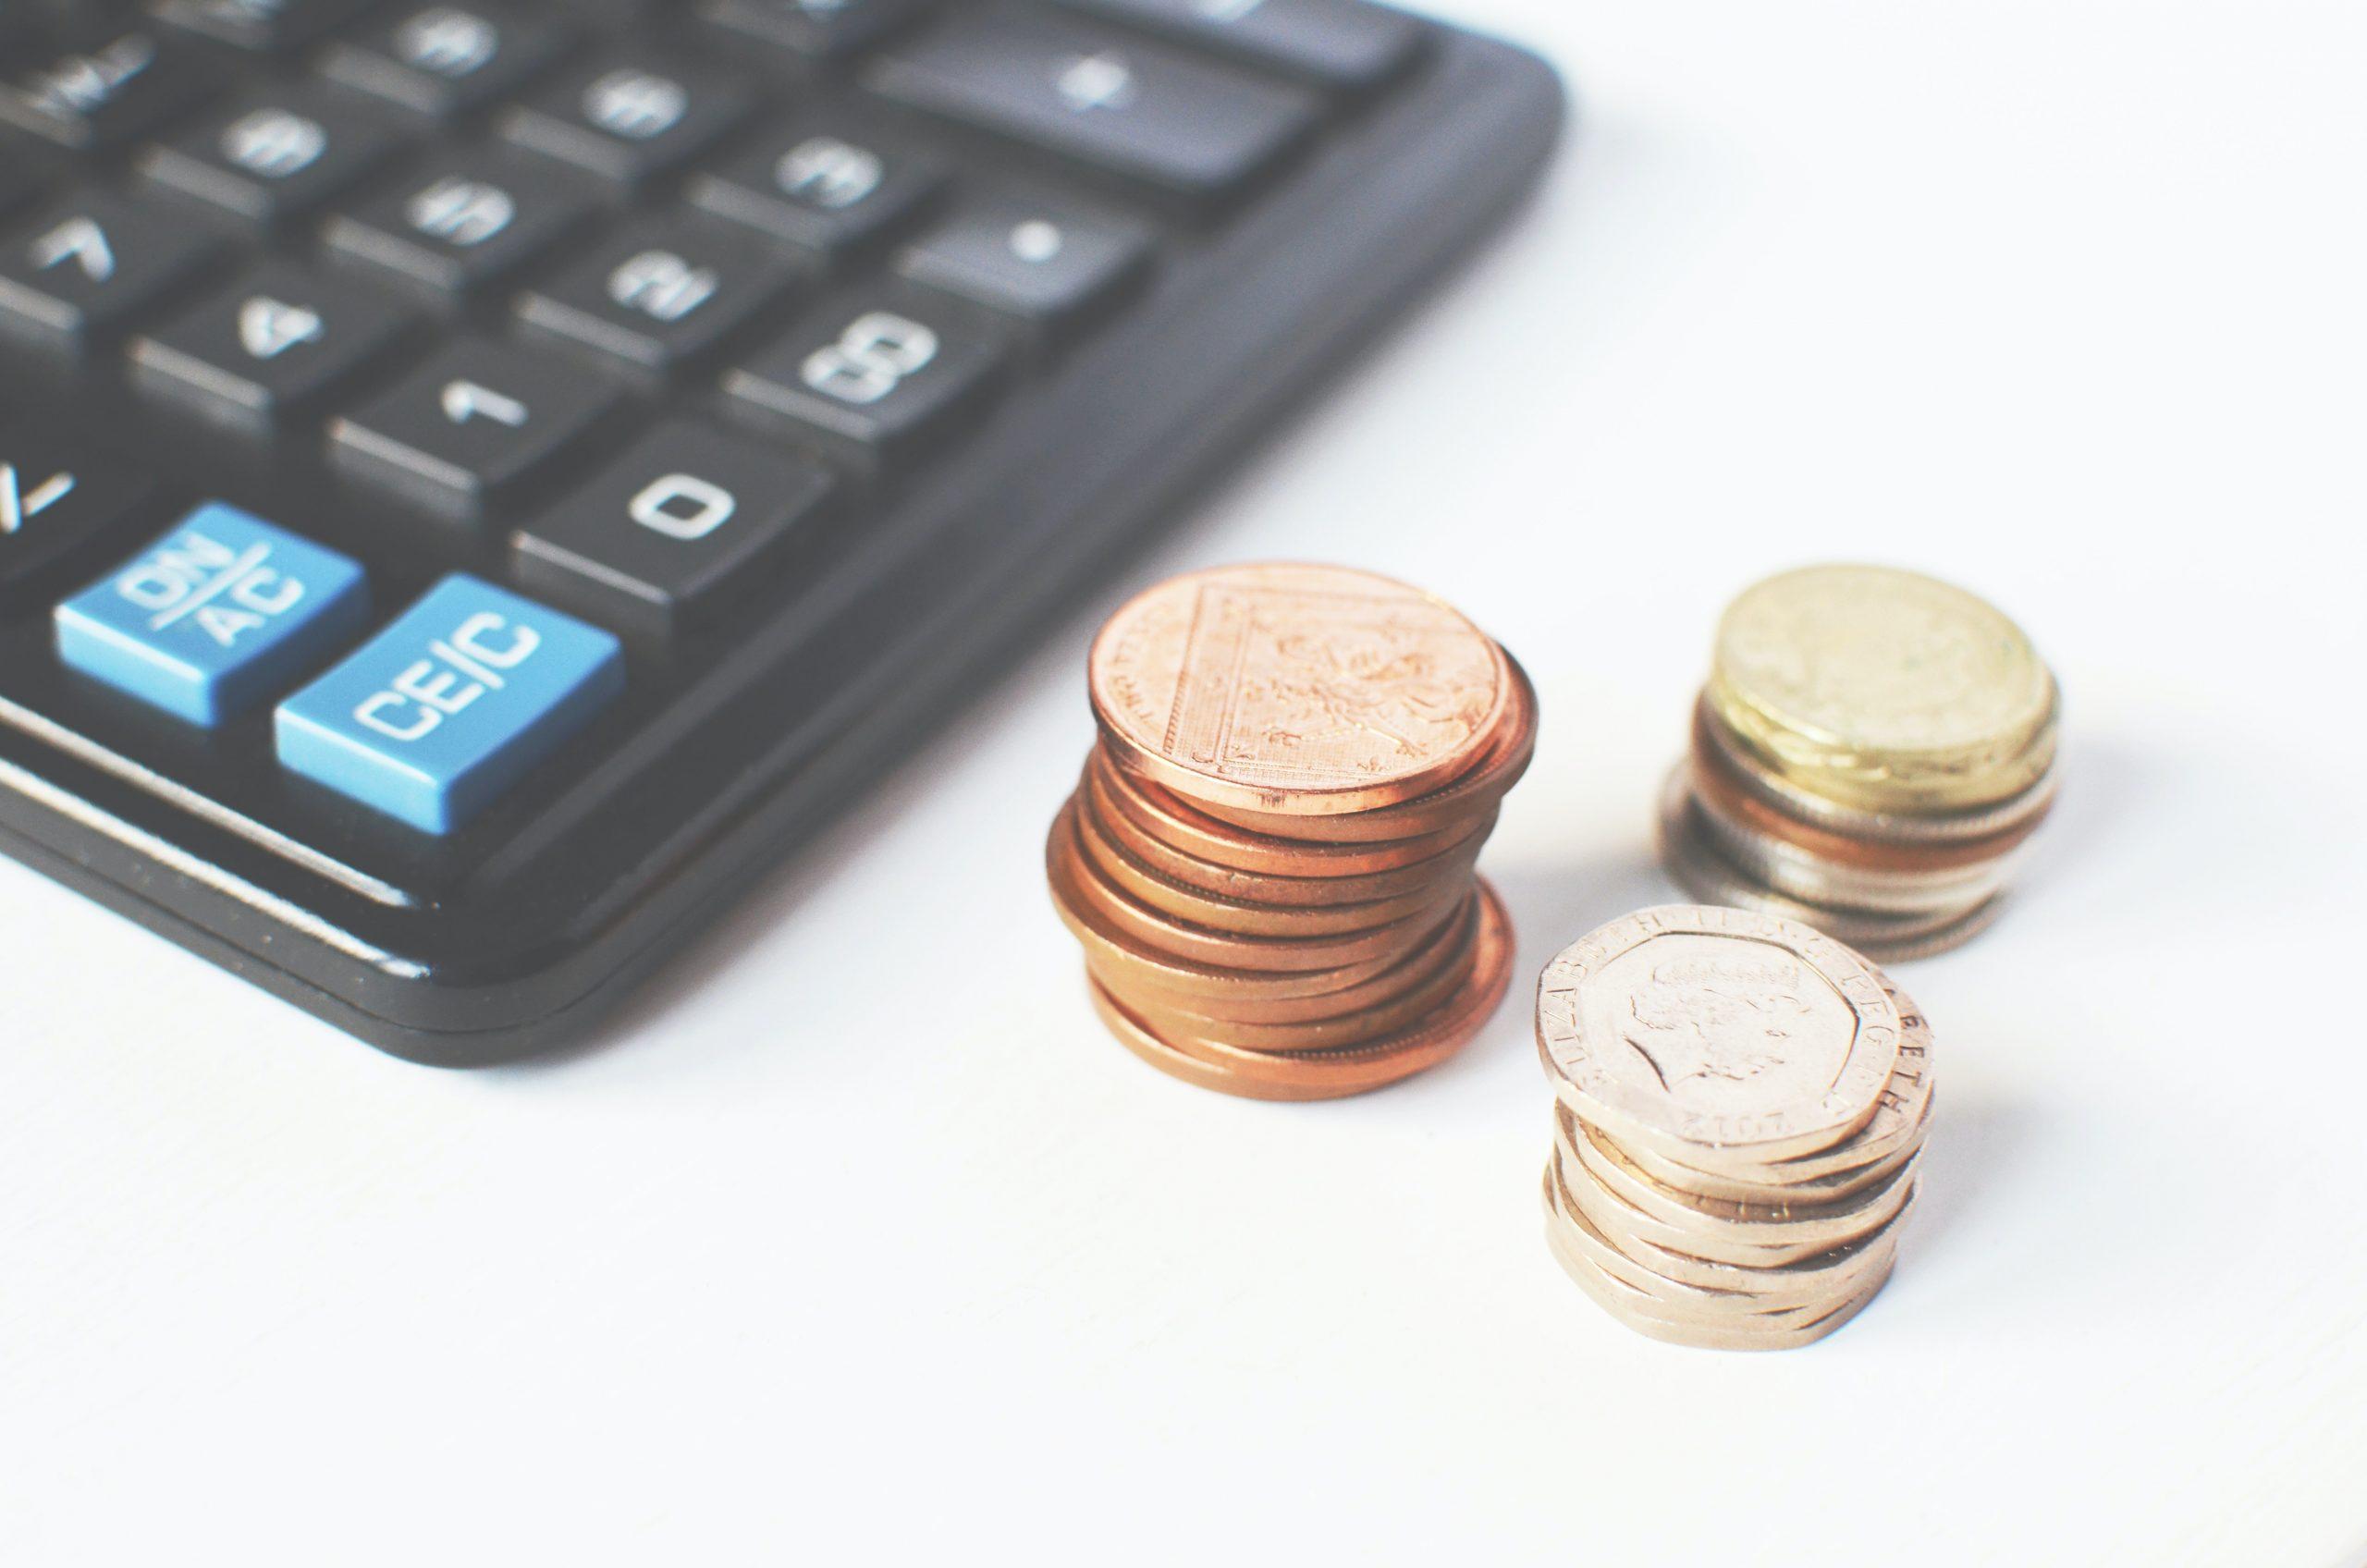 quản lý tài chính hiệu quả, tối ưu chi phí